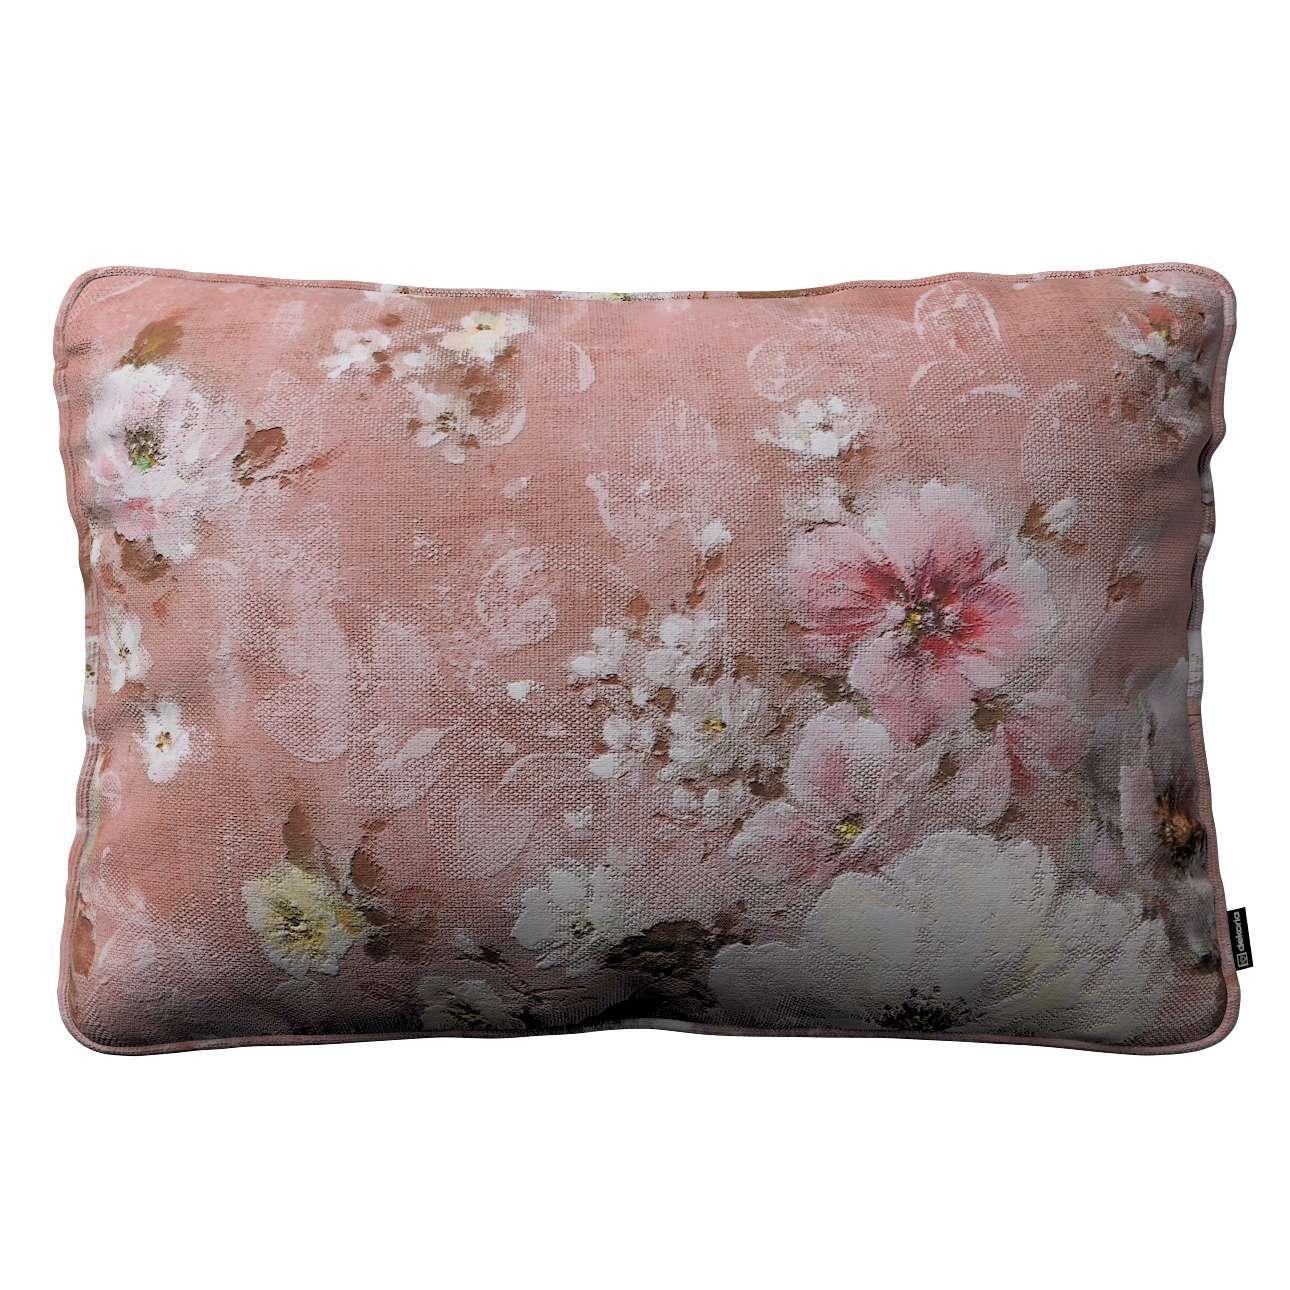 Poszewka Gabi na poduszkę prostokątna 60 x 40 cm w kolekcji Monet, tkanina: 137-83